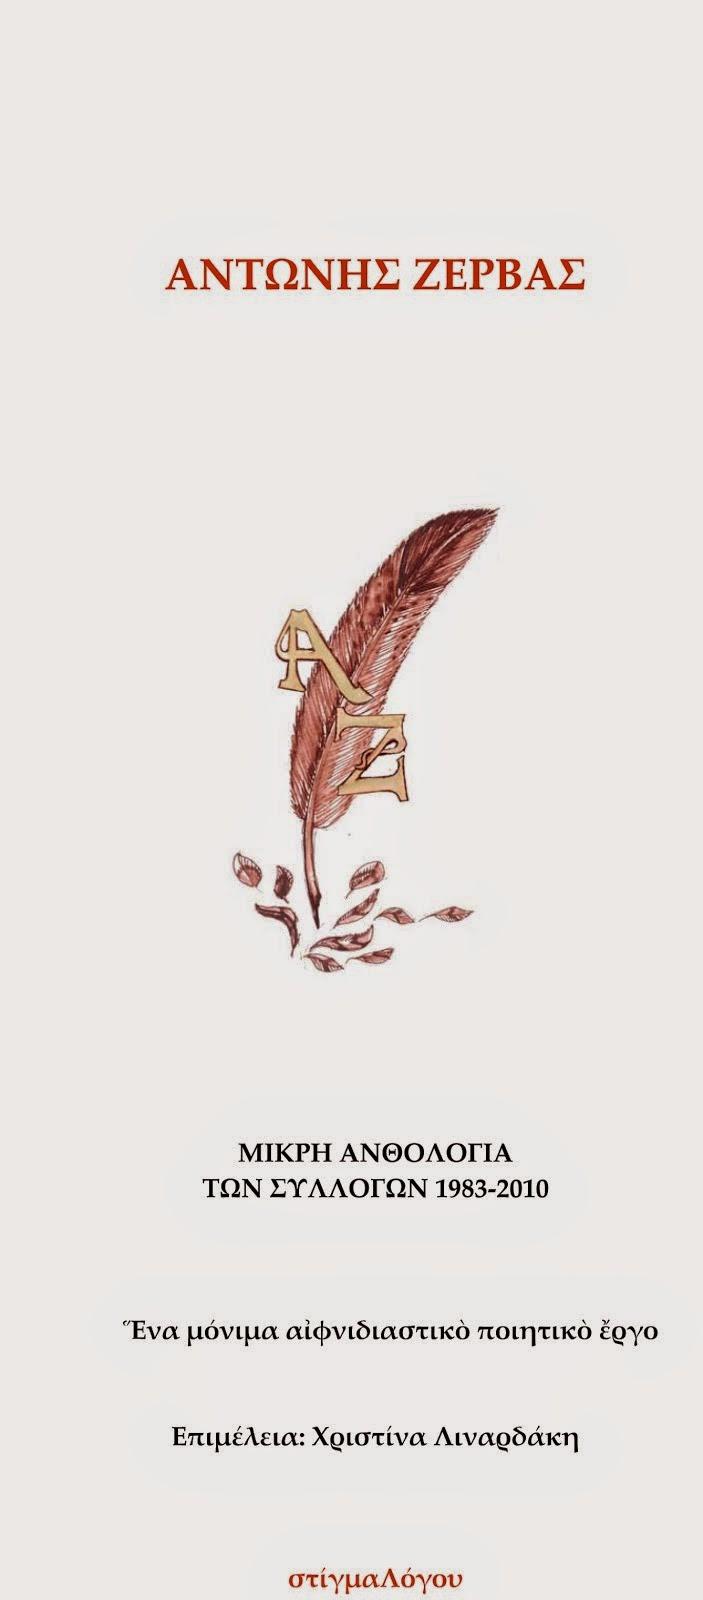 Ανθολογία ποιημάτων του Αντώνη Ζέρβα από το στίγμαΛόγου